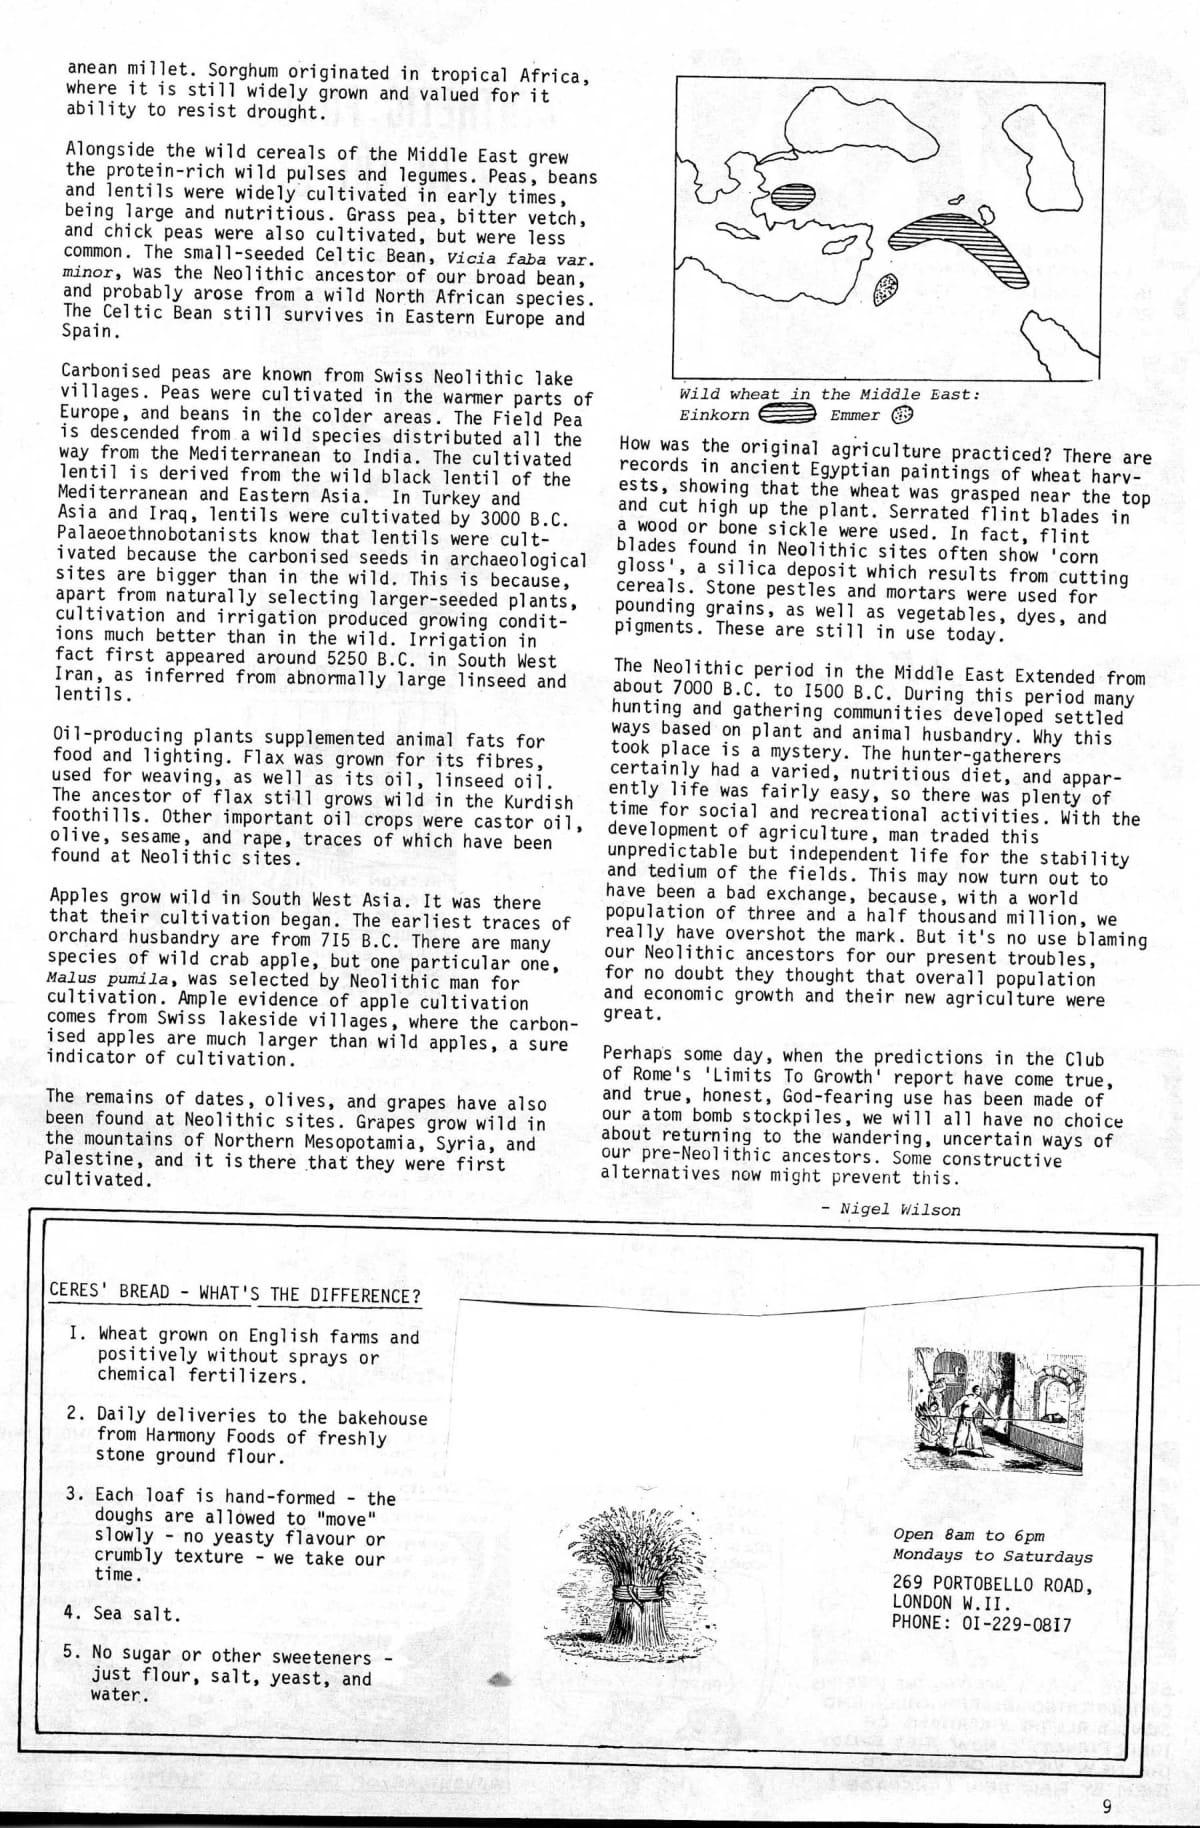 seed-v2-n9-sept1973-09.jpg